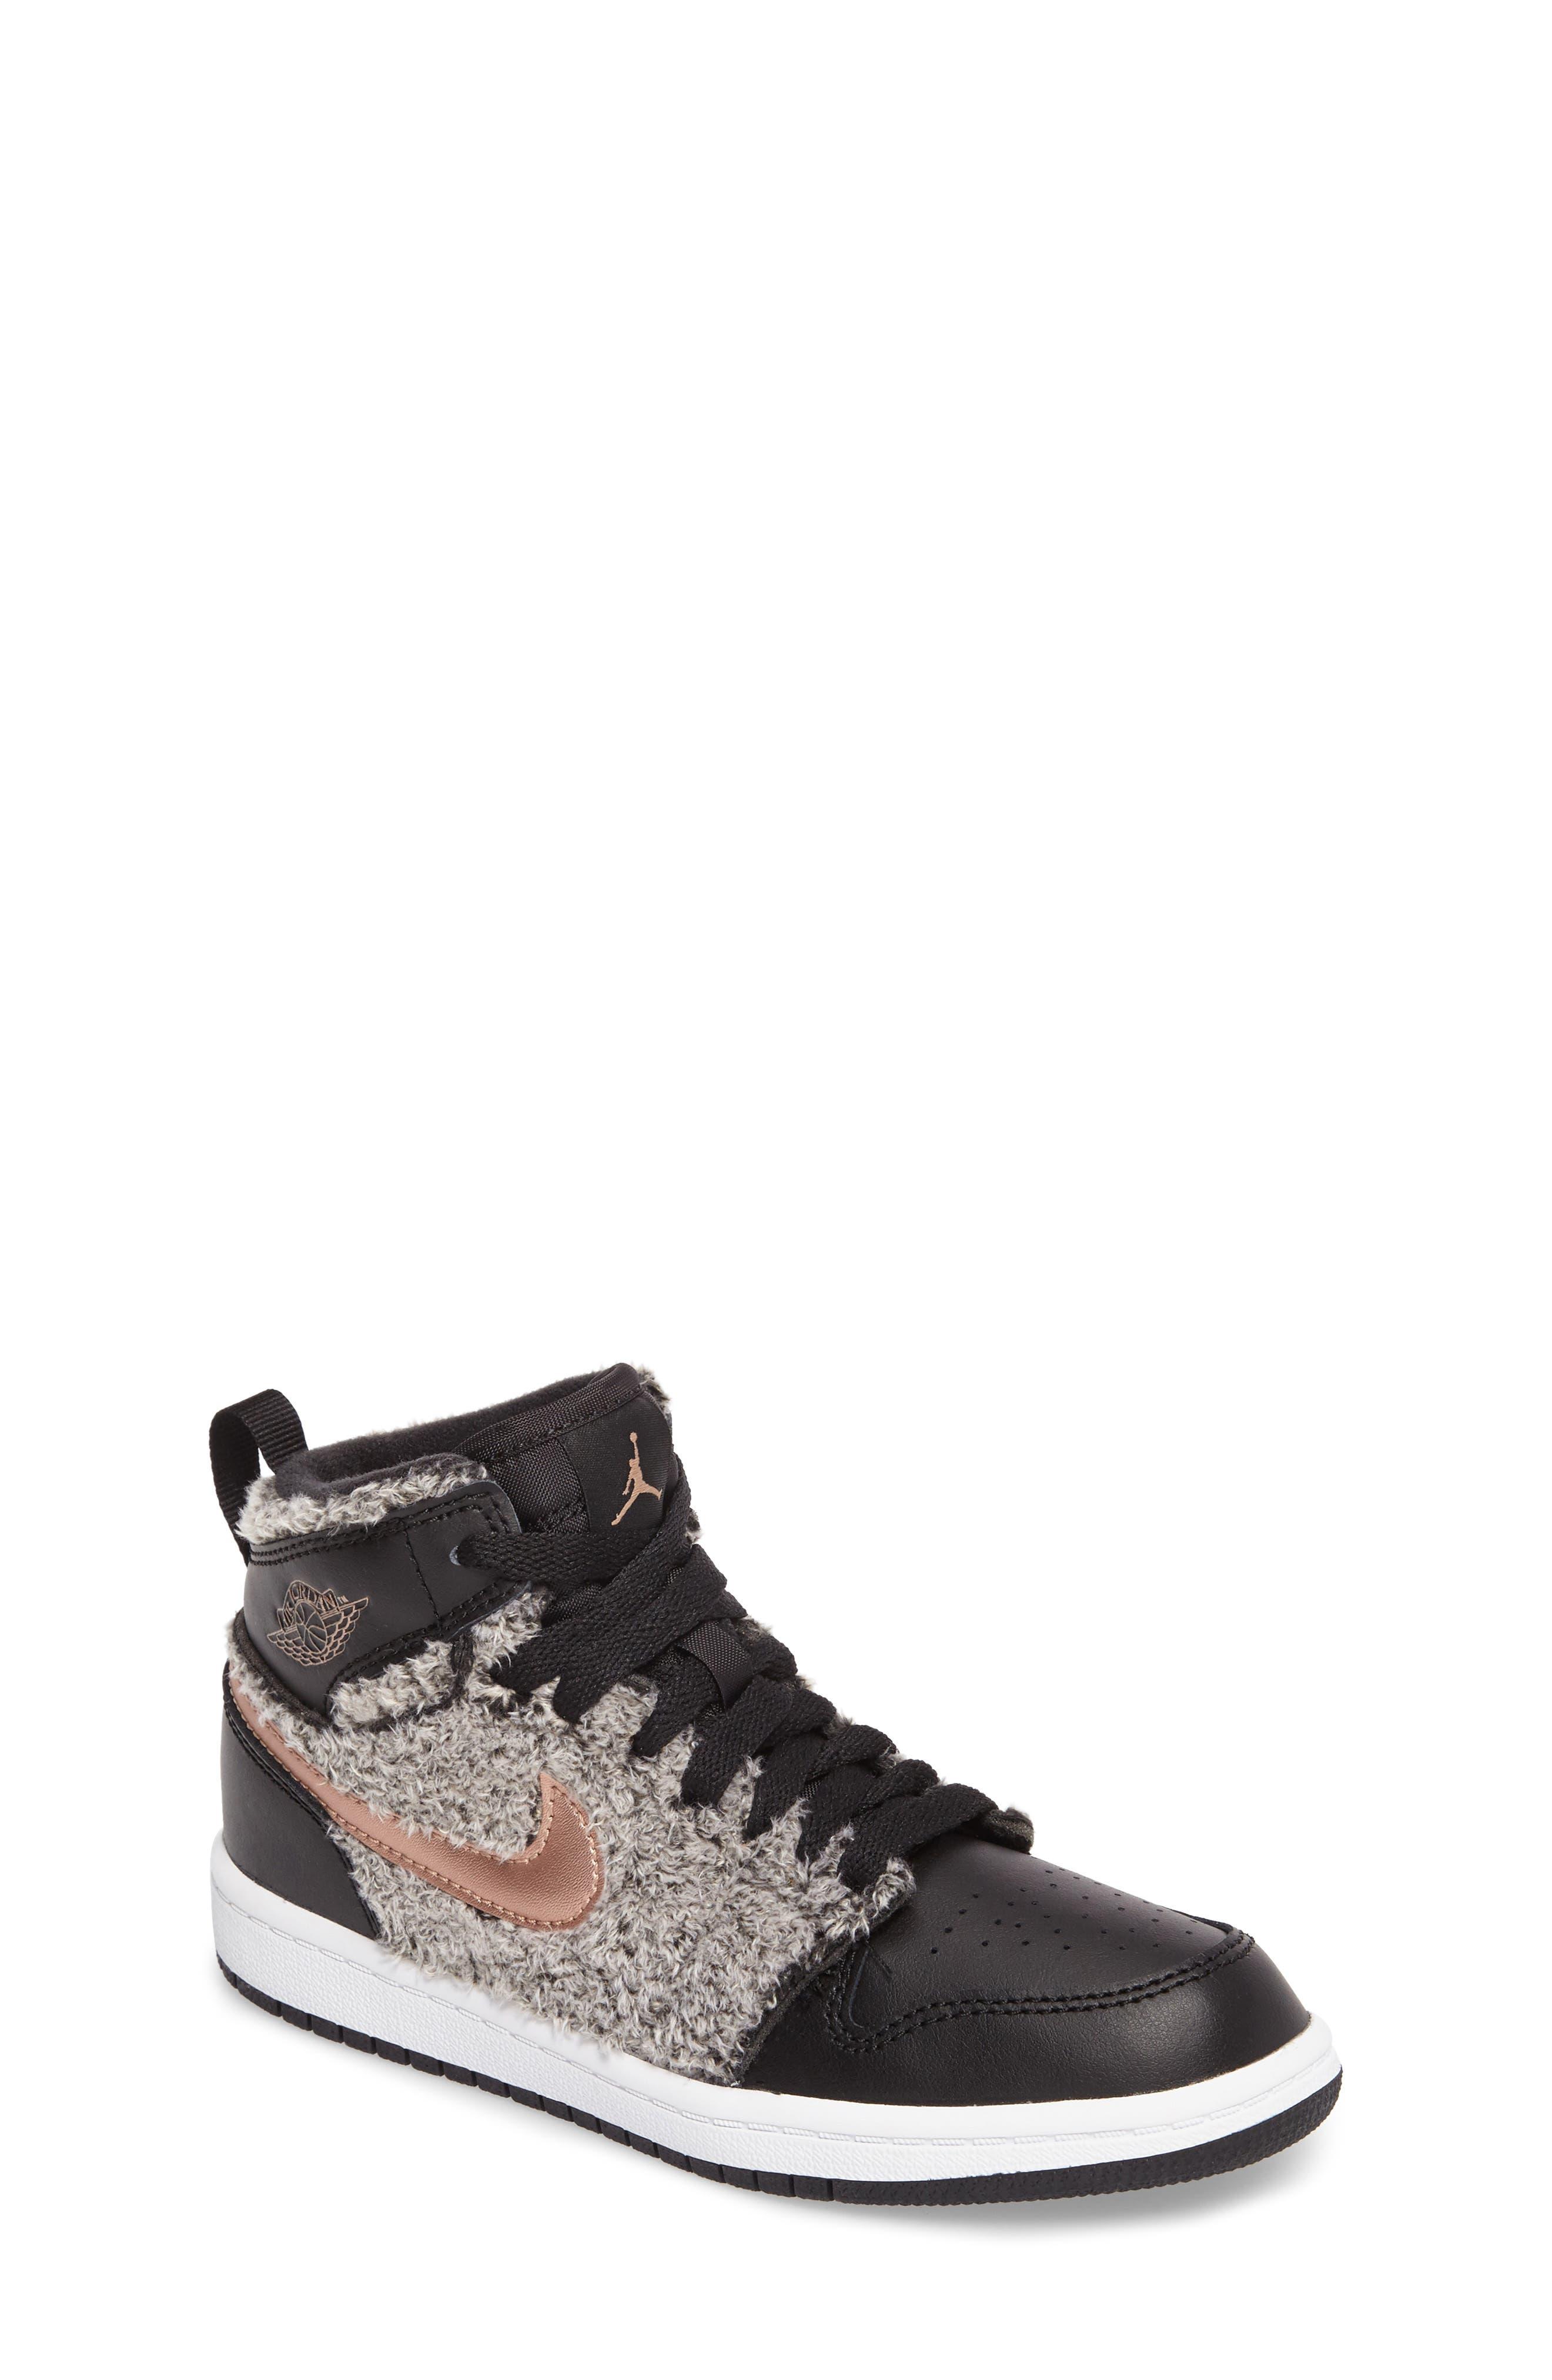 Main Image - Nike Air Jordan 1 Retro Faux Fur High Top Sneaker (Toddler,